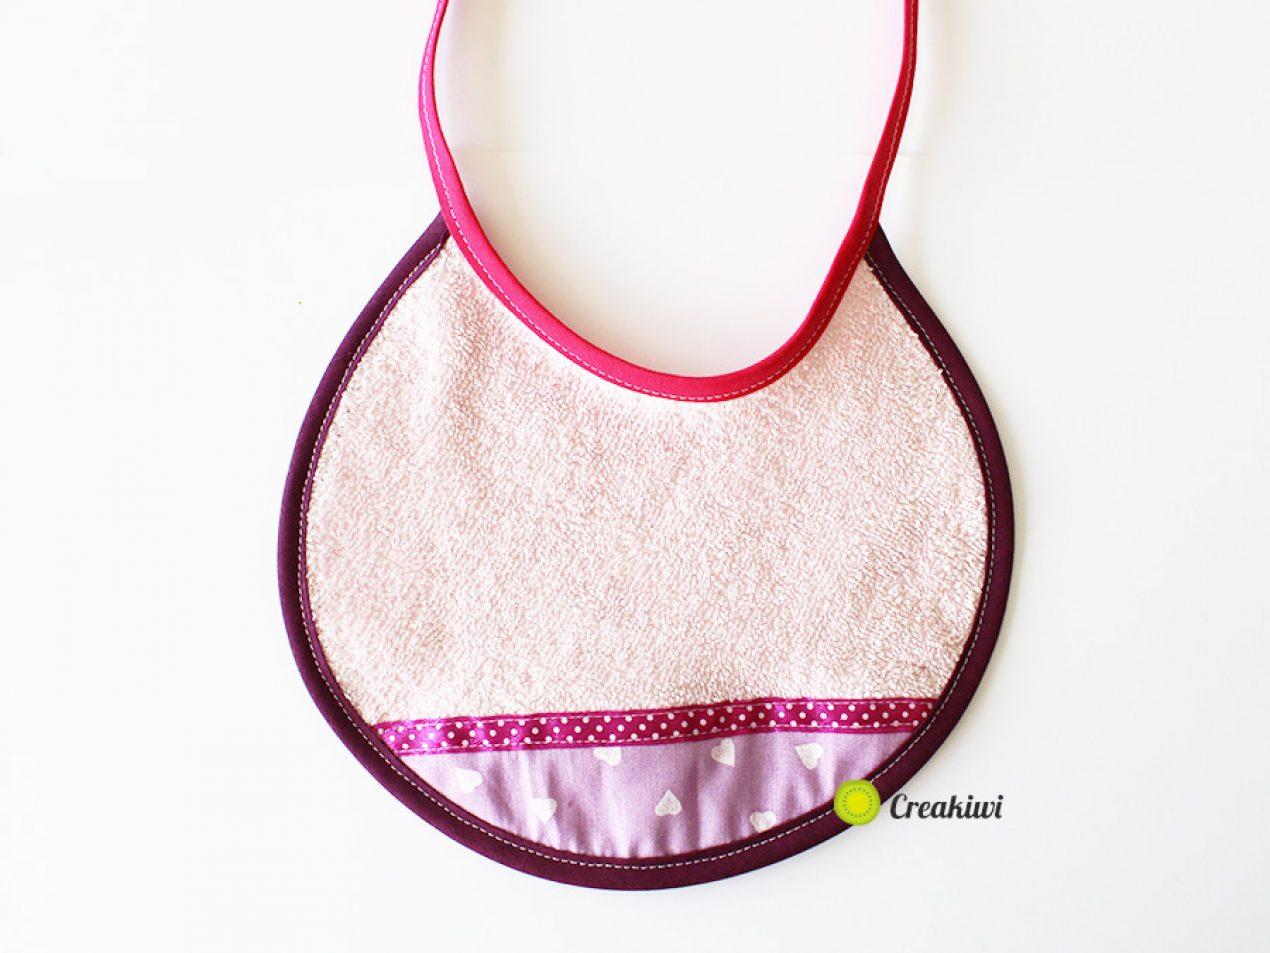 Petit bavoir bavouille pour bébé de 0 à 6 mois Creakiwi